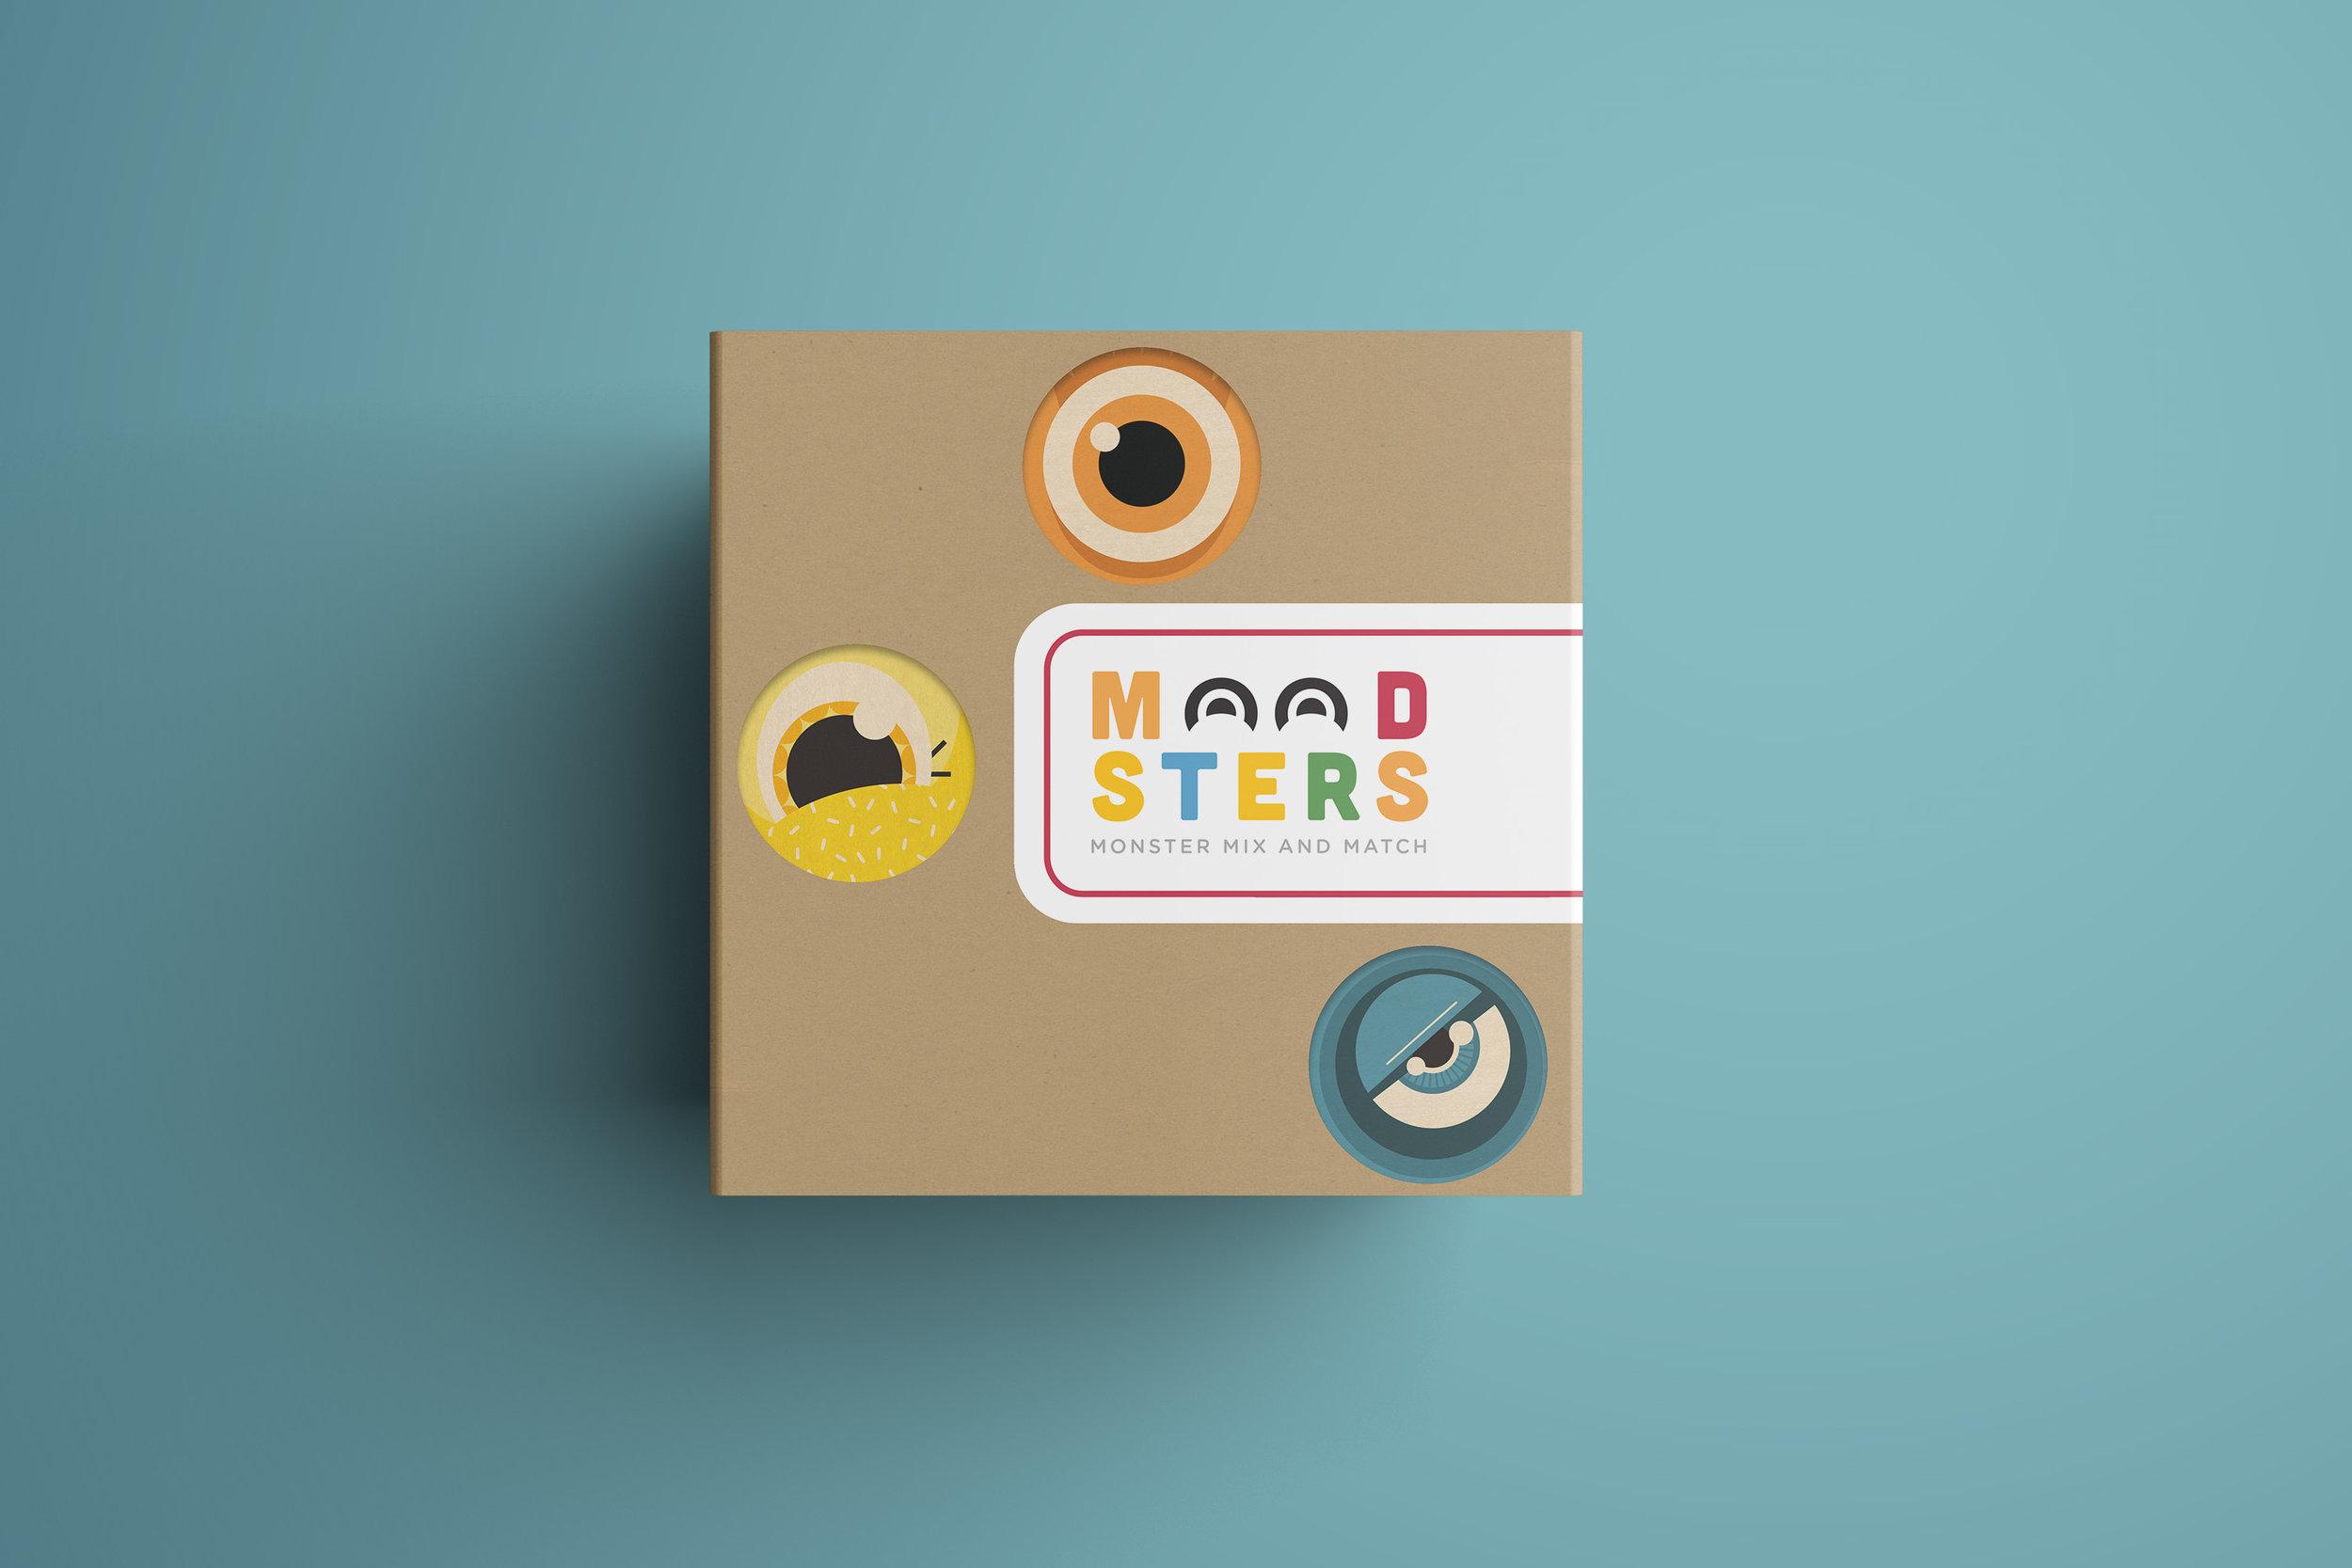 Moodsters_Packaging_Front.jpg